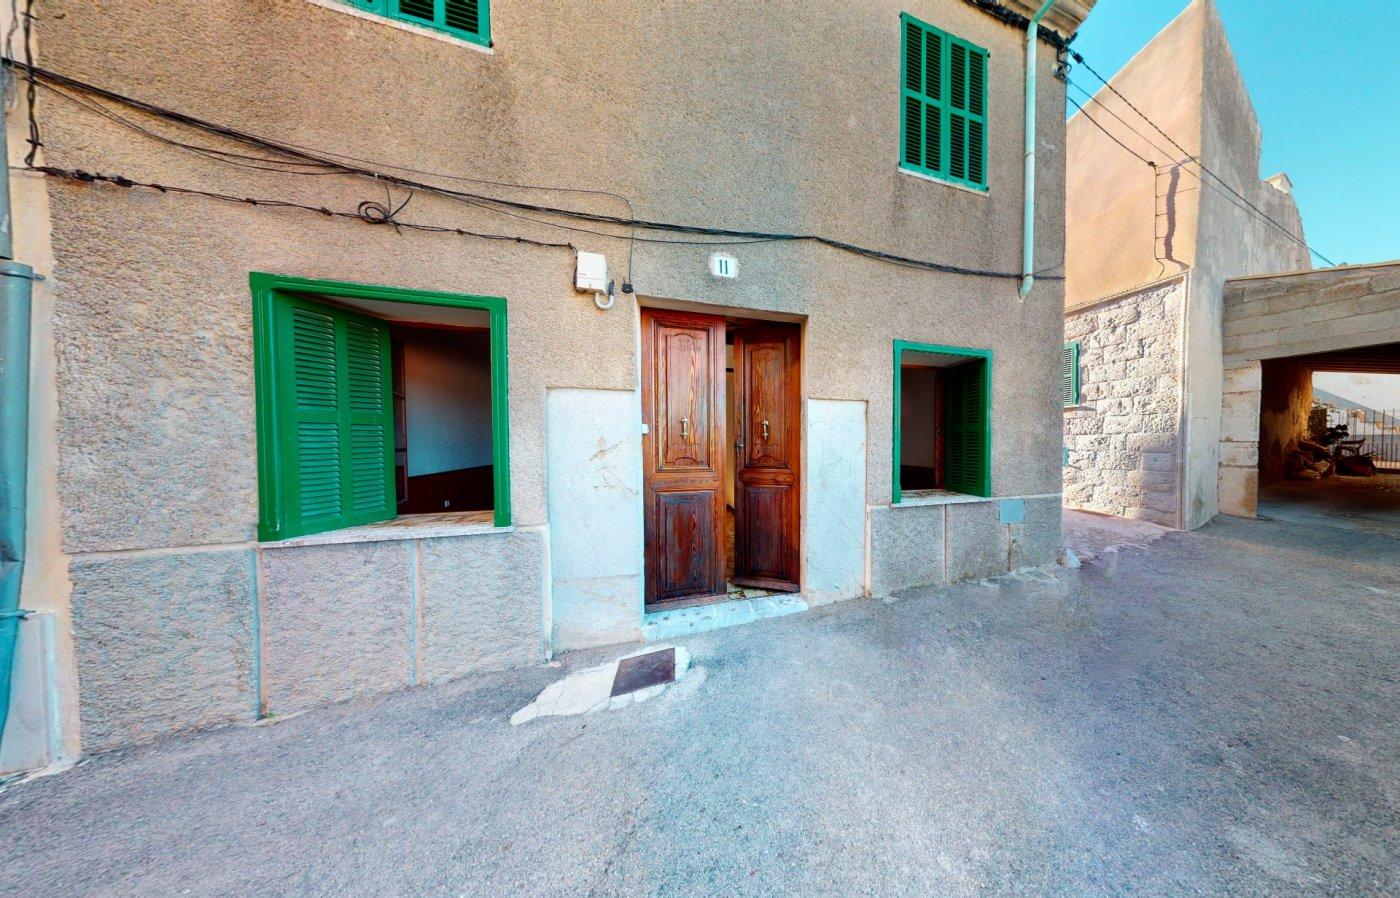 Fantástica casa de pueblo con terrazas - imagenInmueble2